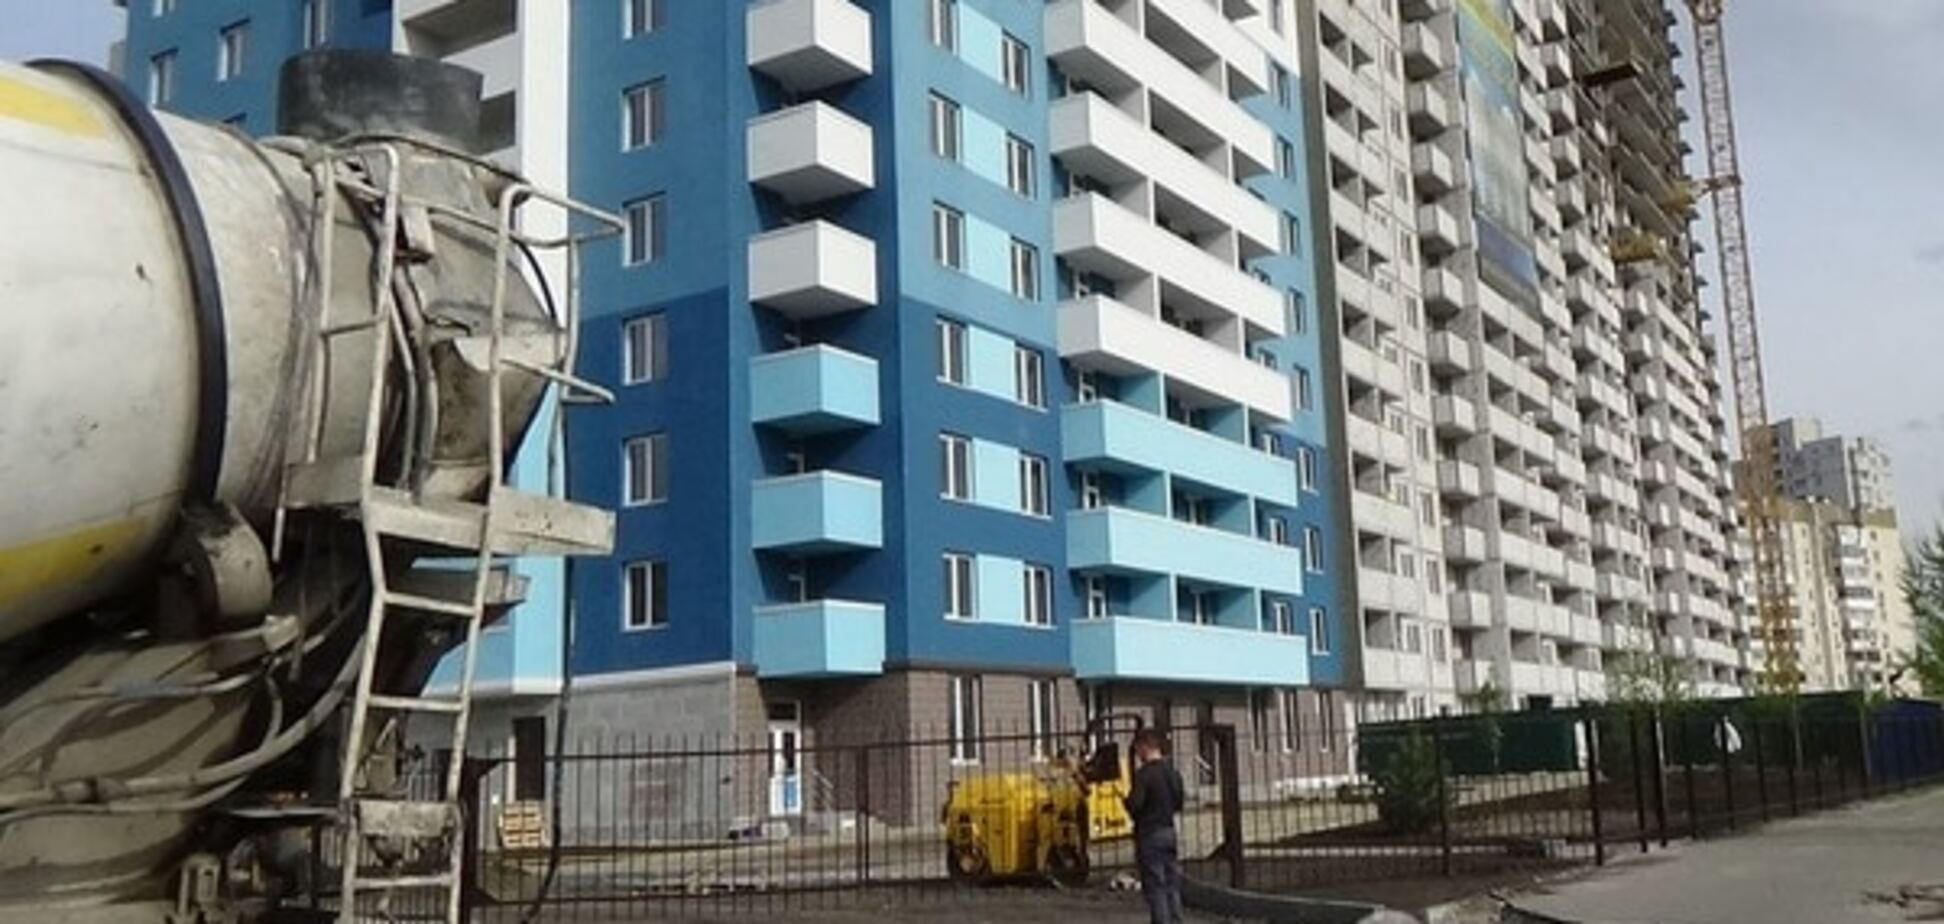 Строительный беспредел: вместо школы дельцы возводят жилой комплекс